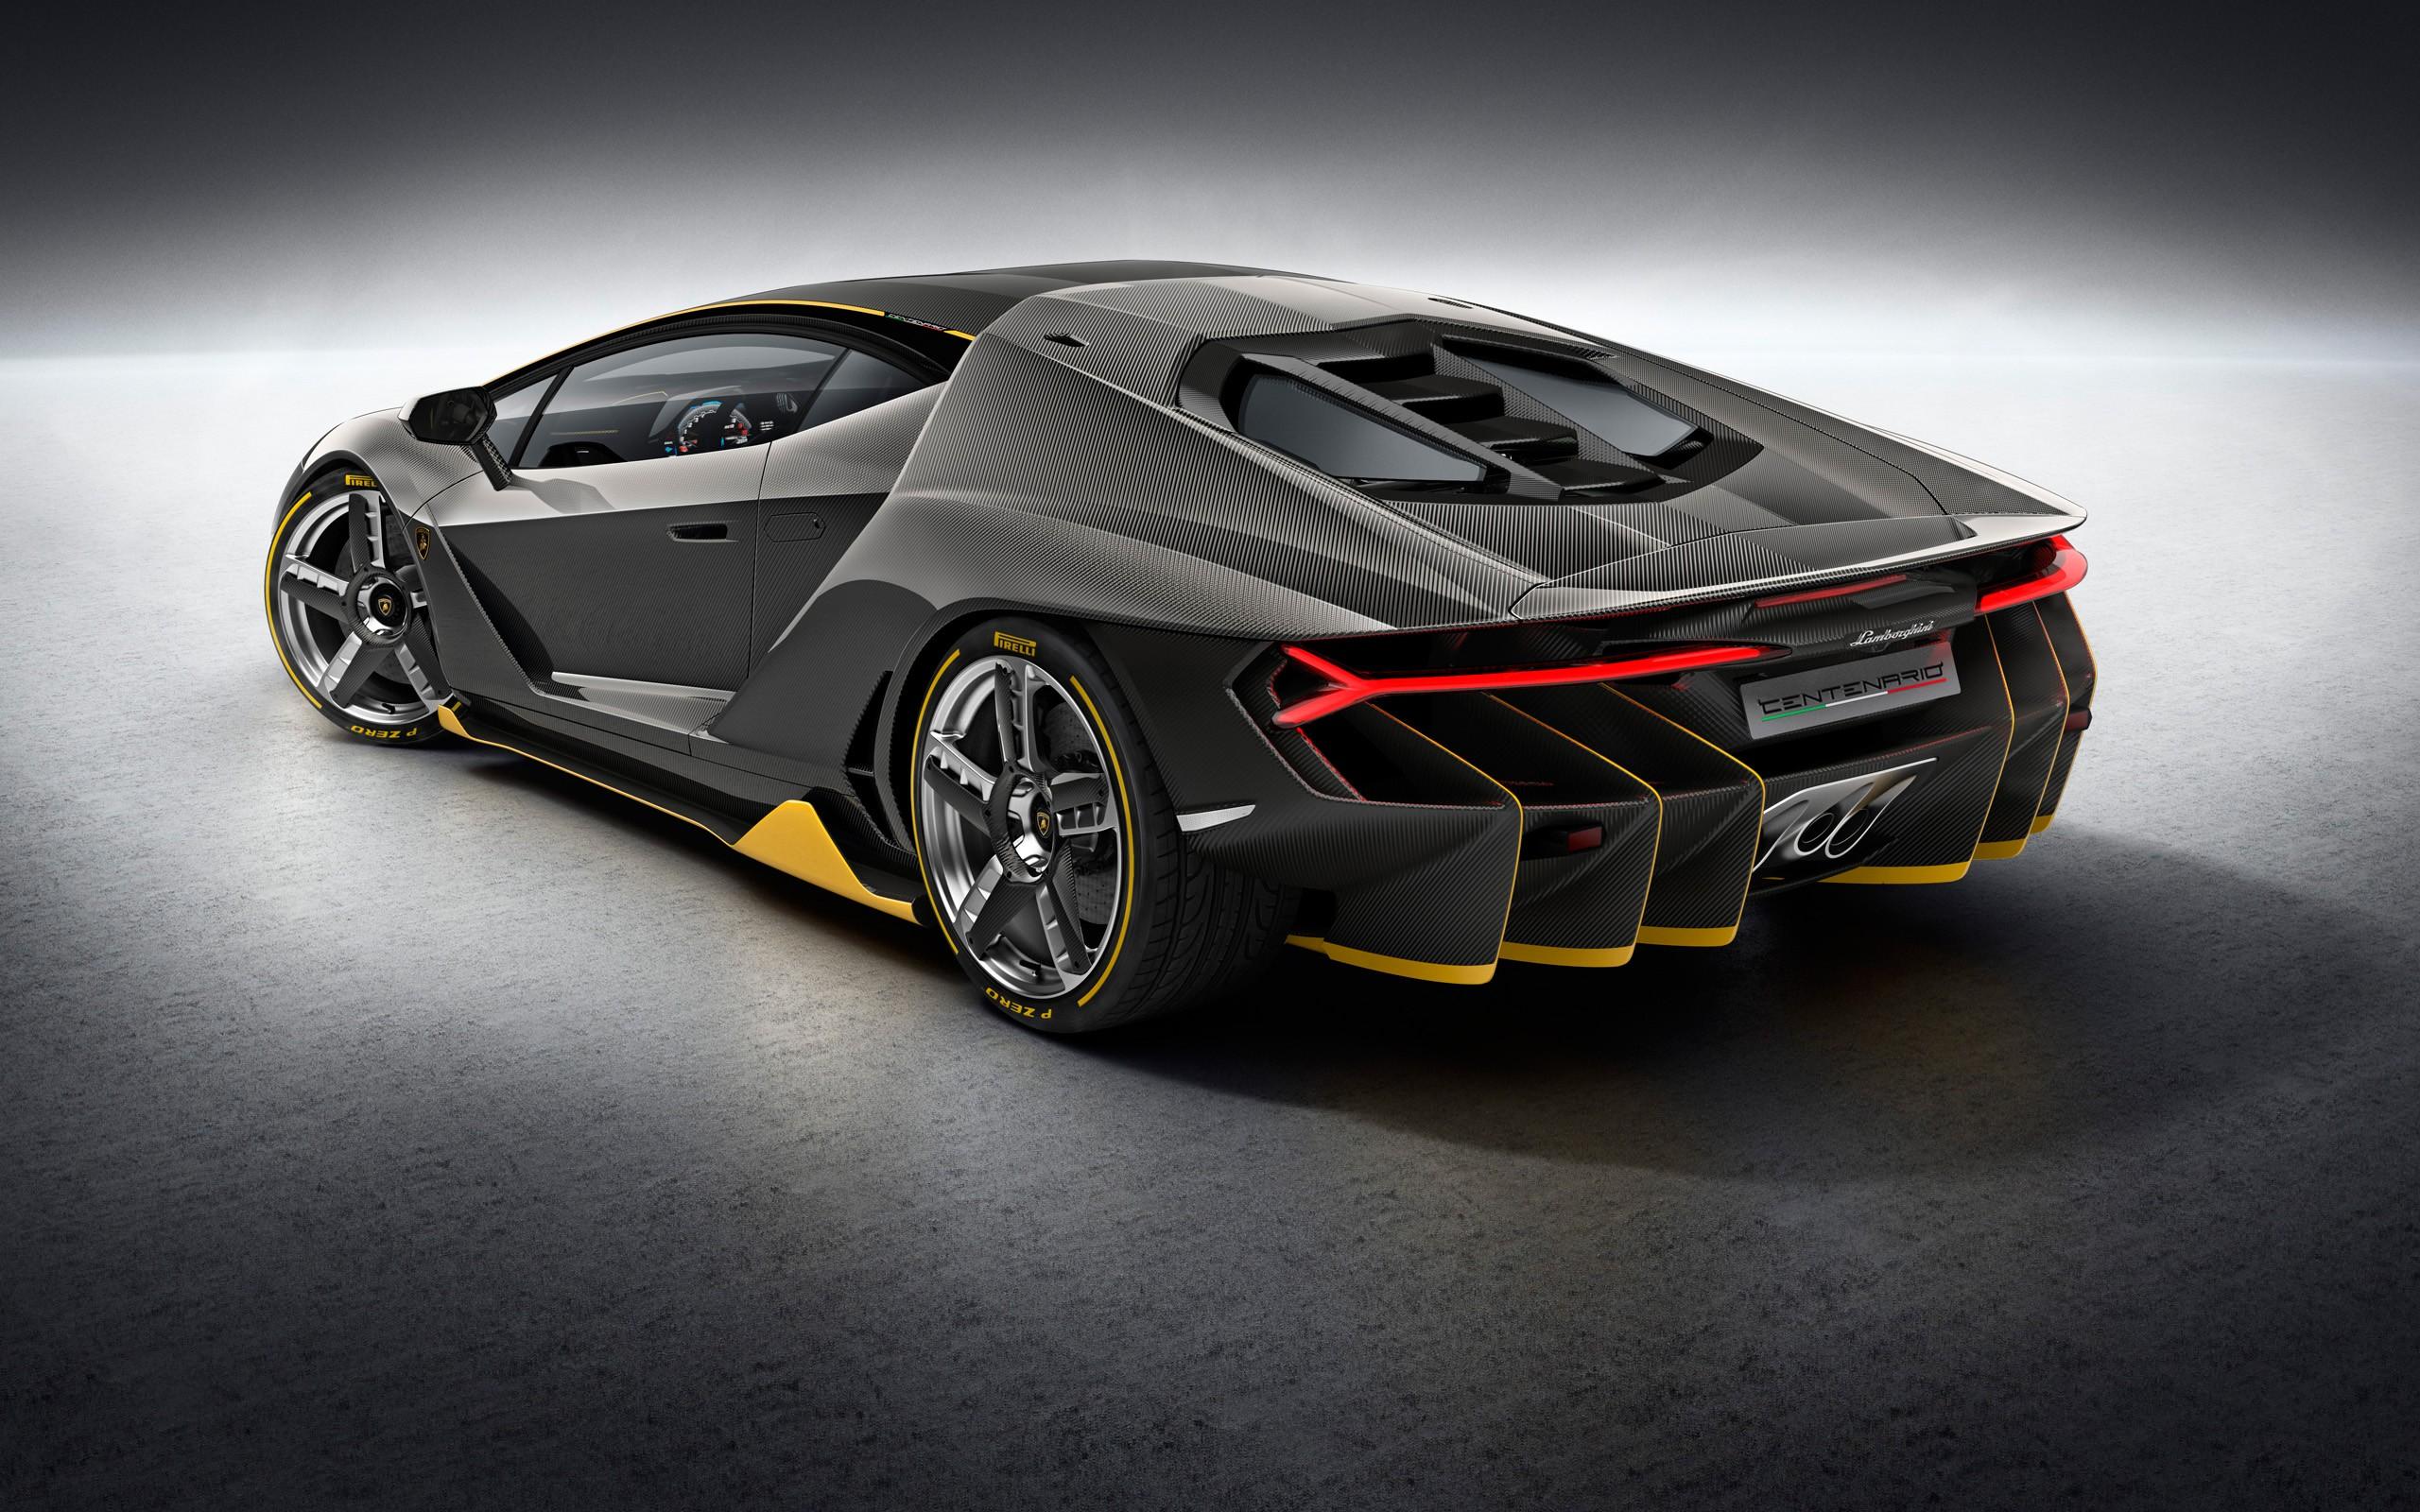 2017 Lamborghini Centenario 4k Wallpaper: 2016 Lamborghini Centenario LP 770 4 4 Wallpaper